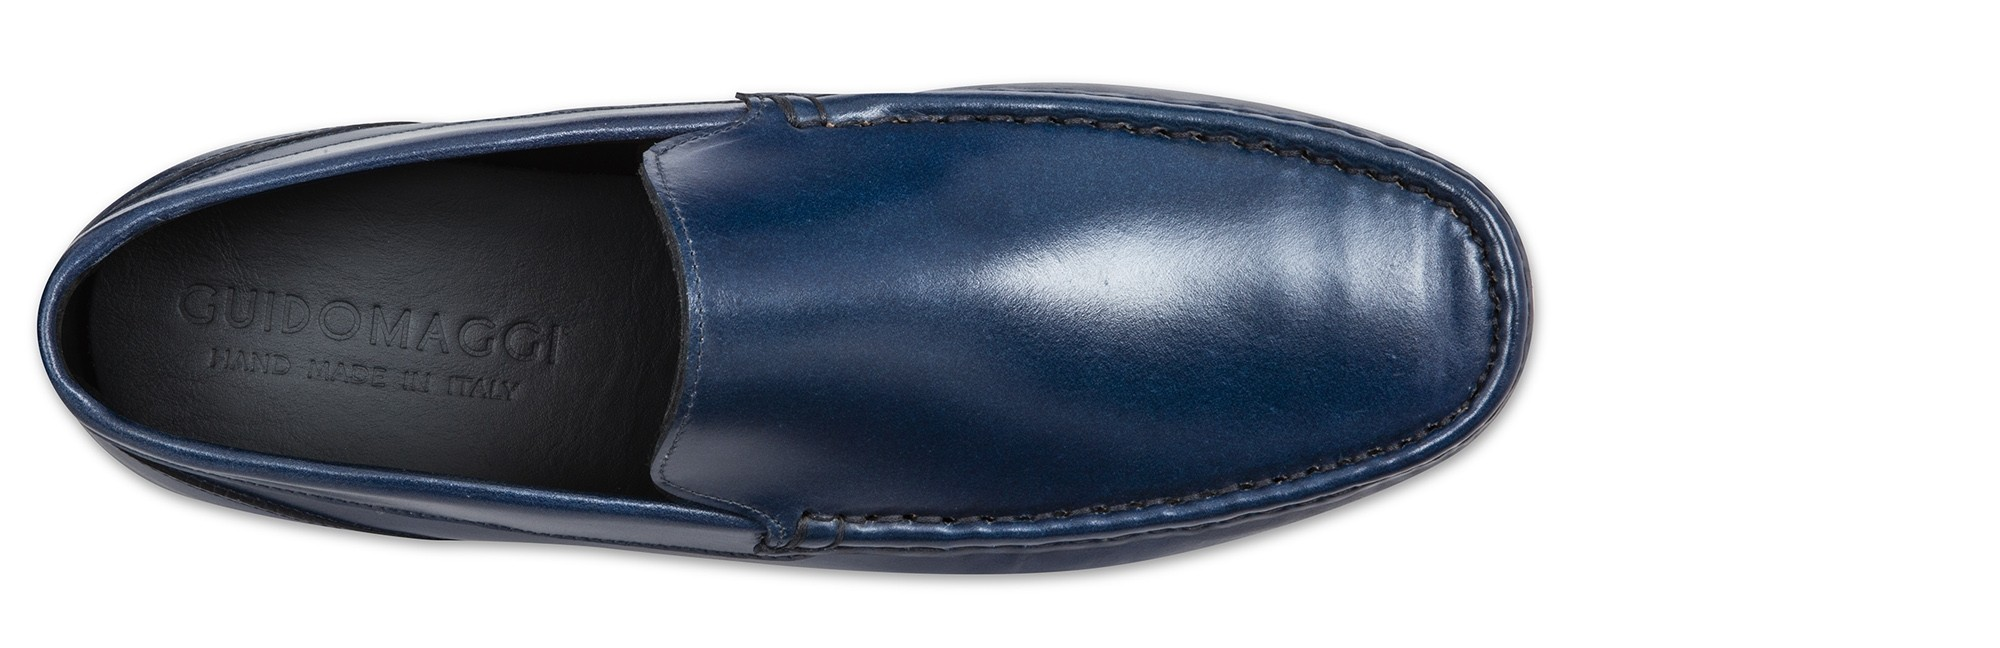 chauen scarpe con rialzo